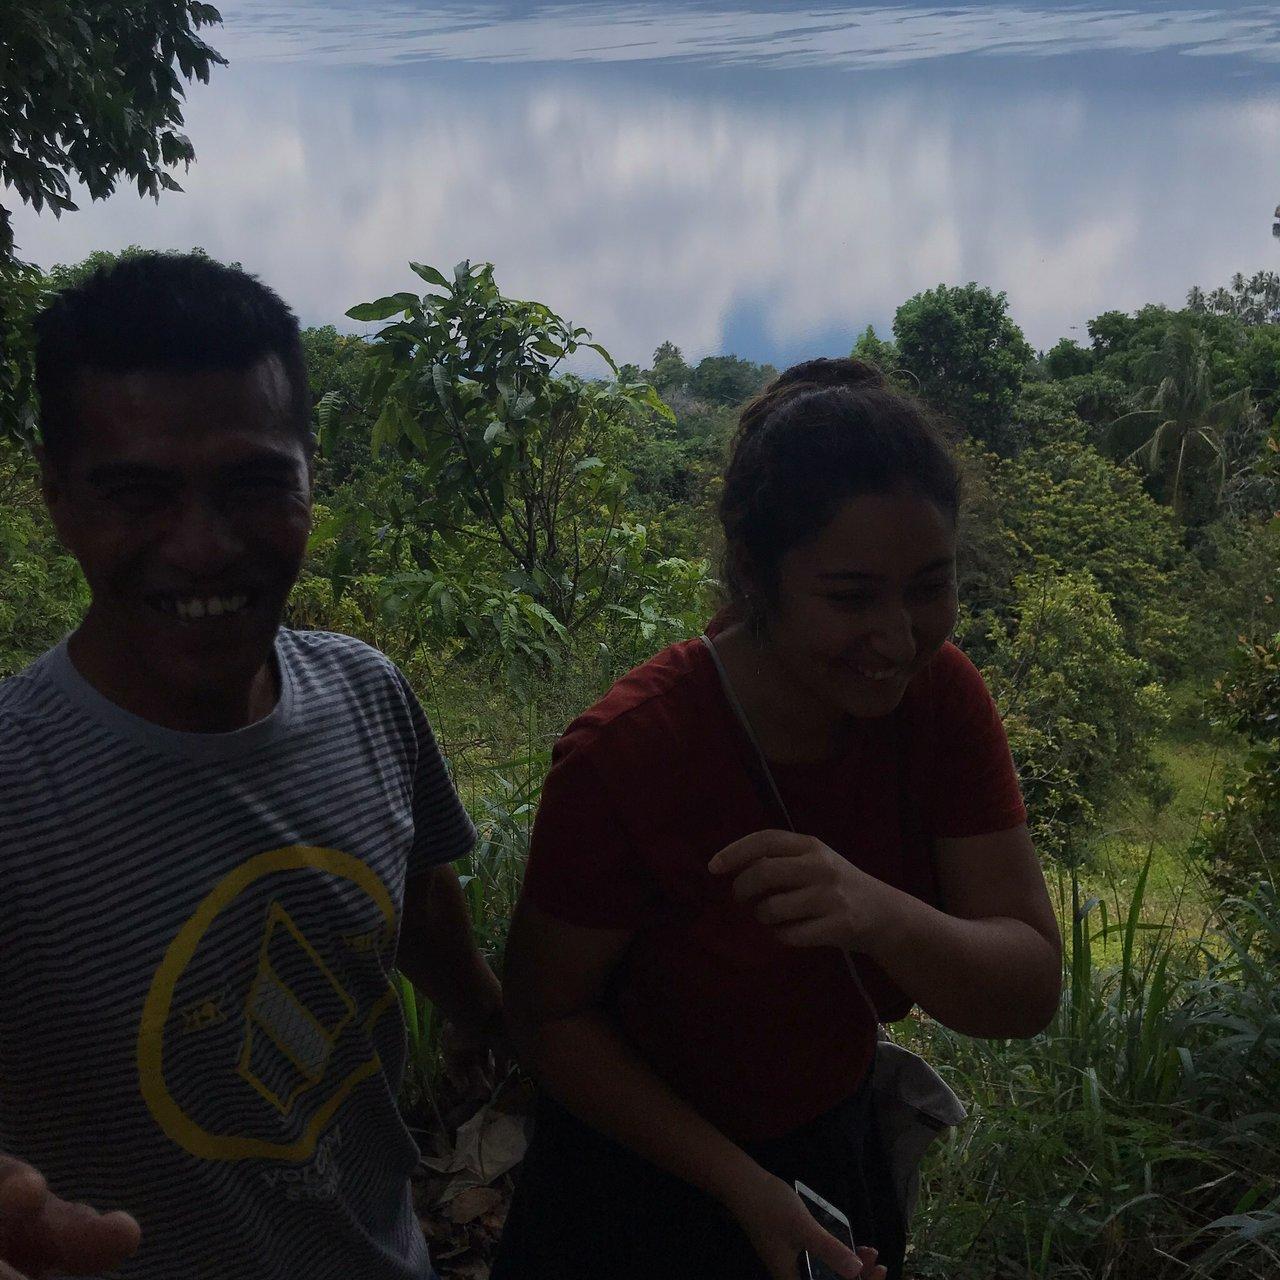 Kampung Minang Nagari Sumpu Kecamatan Batipuh Selatan Tanah Datar Sumatera Barat Menawarkan Wisata Berbasis Kearifan Lokal Kepada Wisatawan Terletak Di Tepian Danau Singkarak Lebih Kurang 20 Menit Dari Kota Padang Panjang Di Nagari